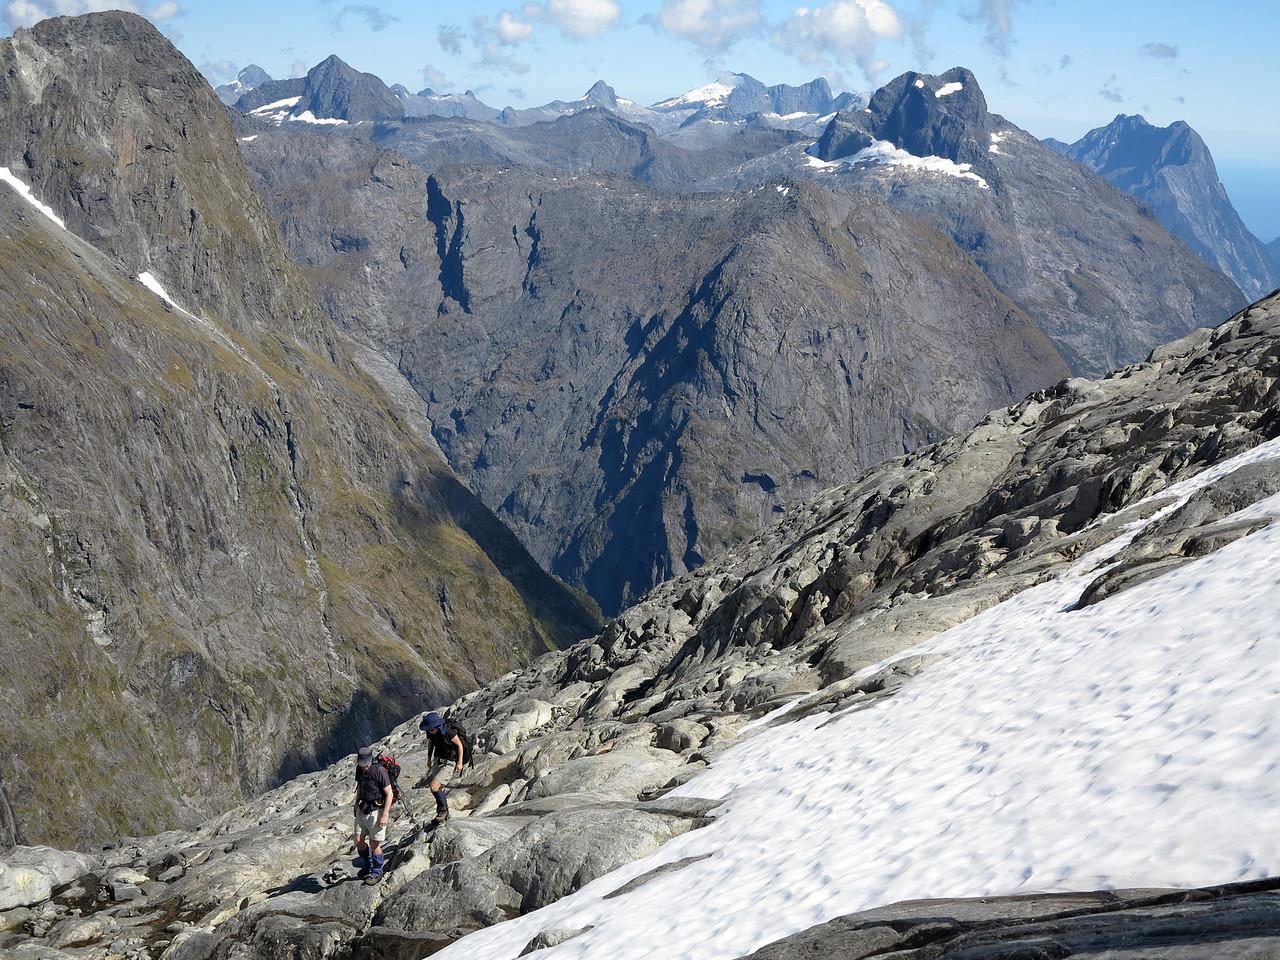 Climbers below Barrier Knob